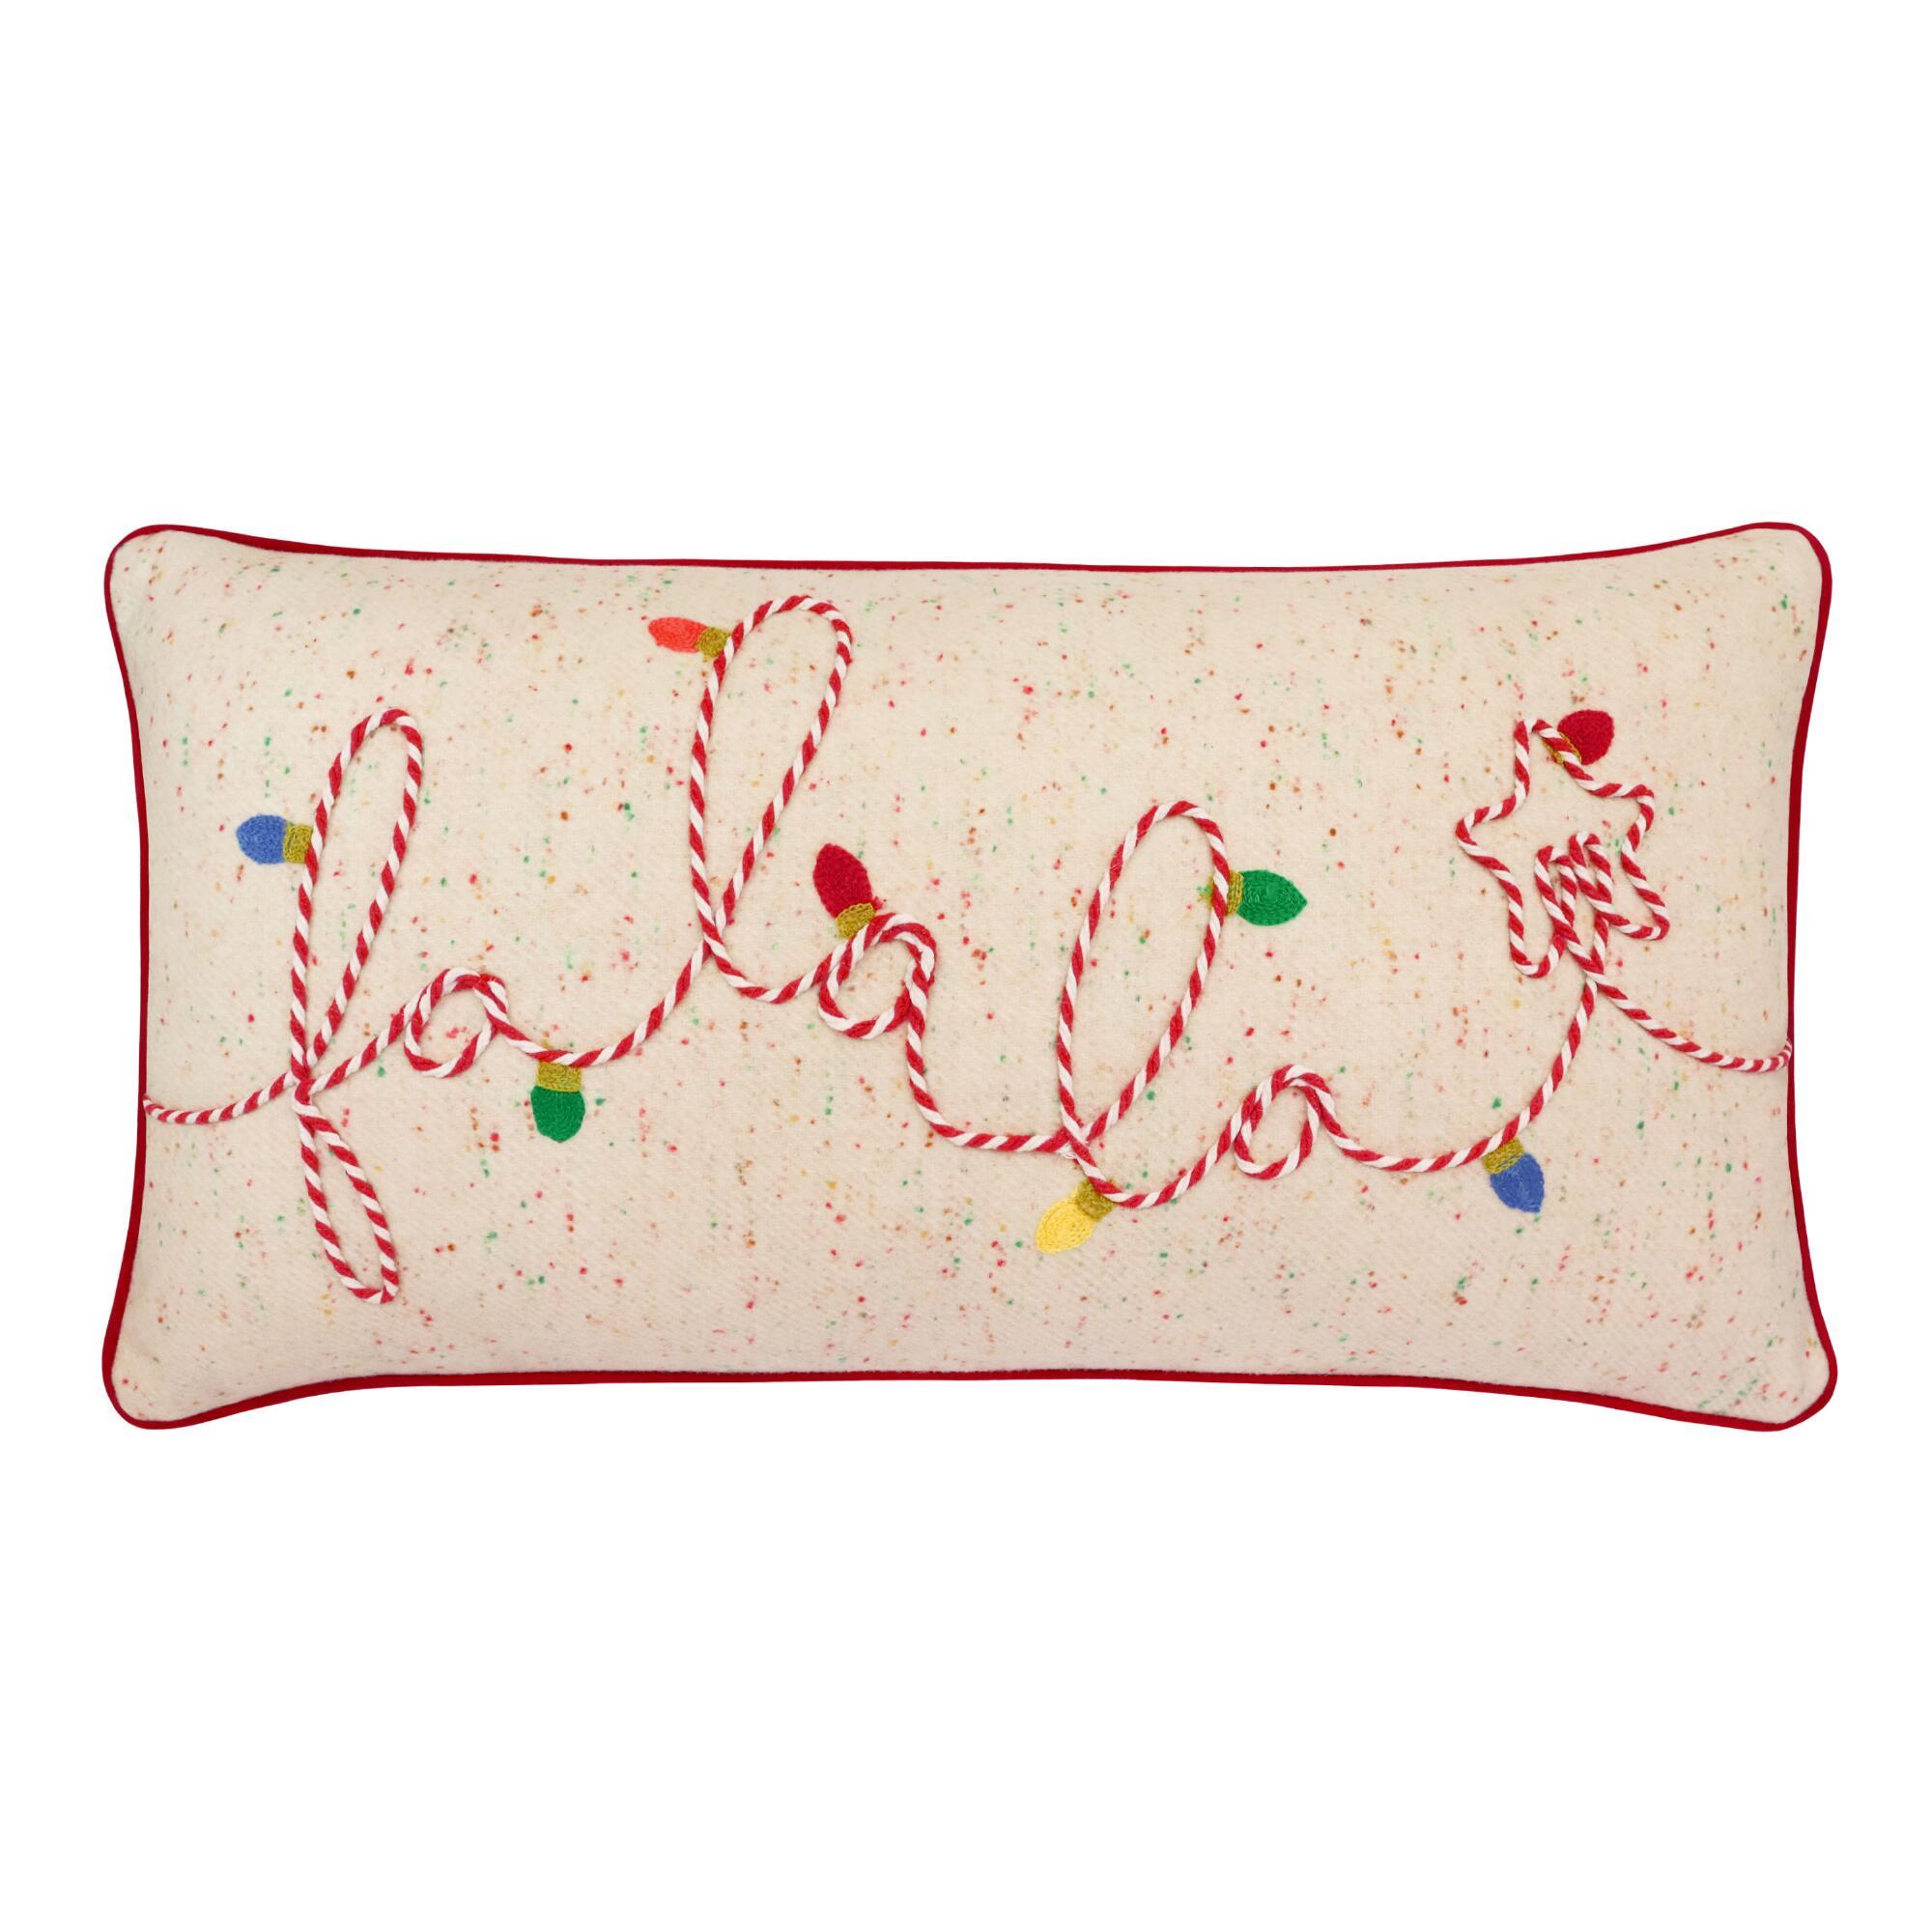 Fa La La Embroidered Lumbar Pillow $24.99